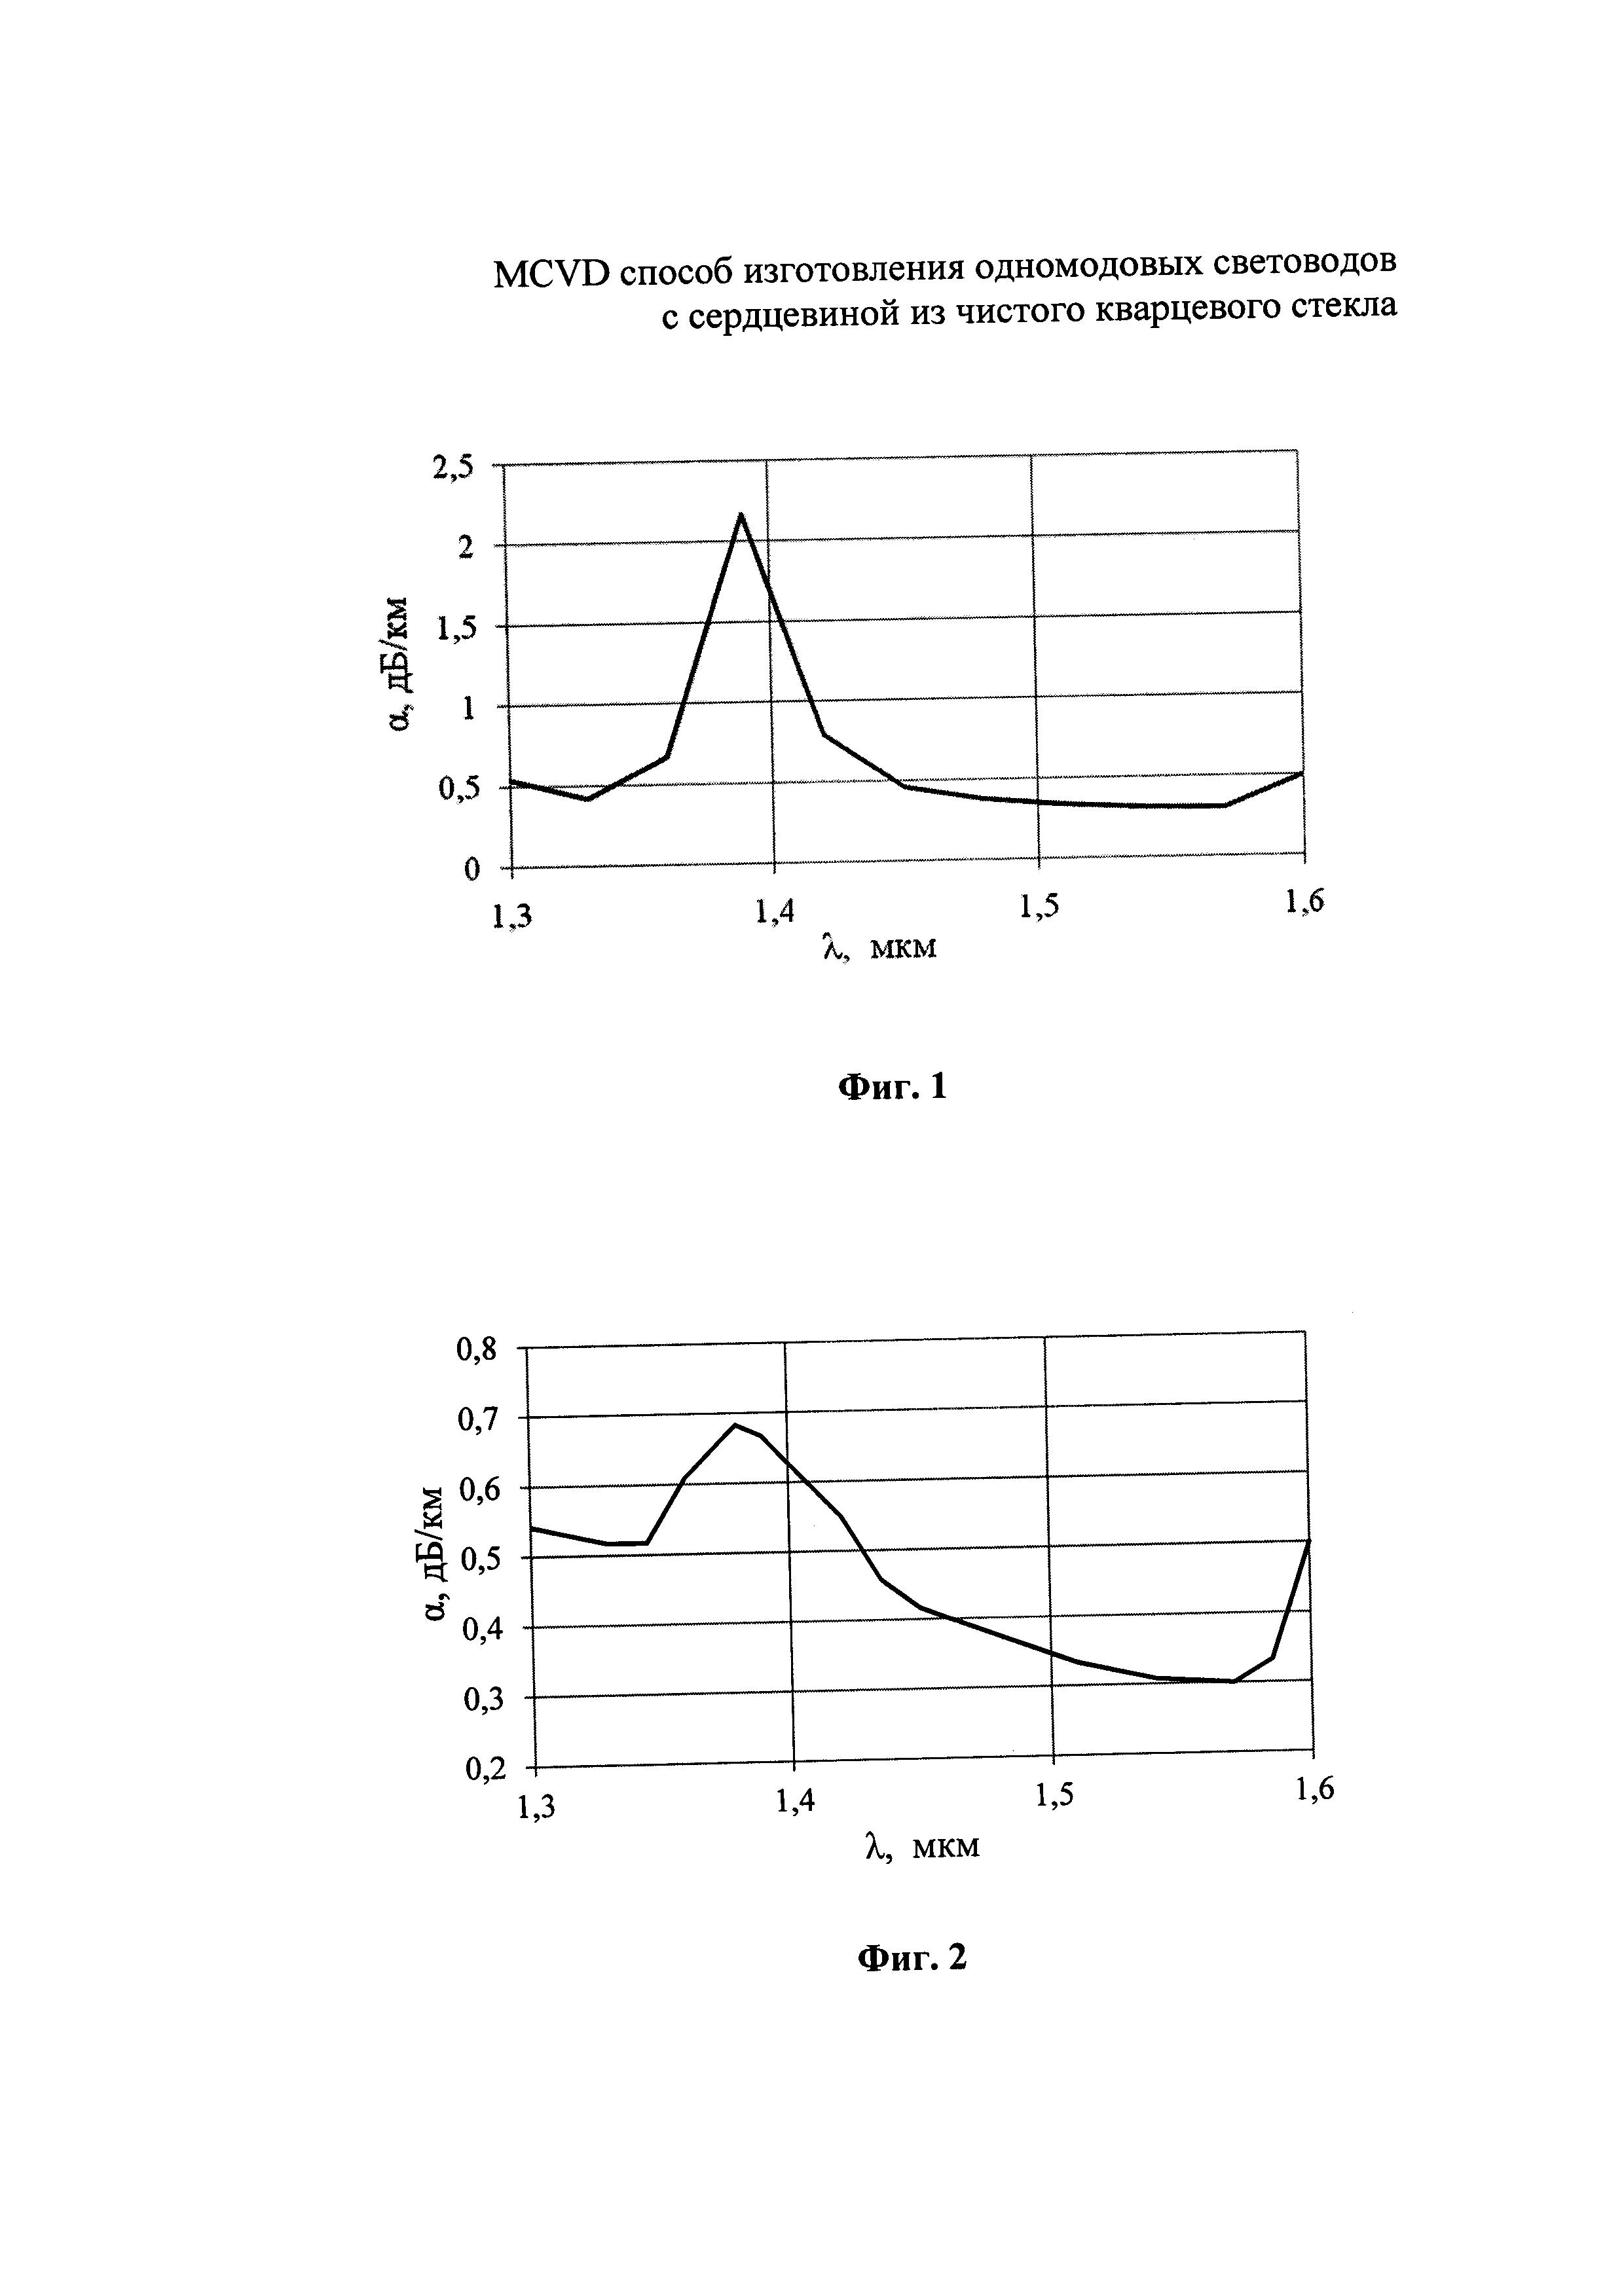 Mcvd способ изготовления одномодовых световодов с сердцевиной из чистого кварцевого стекла